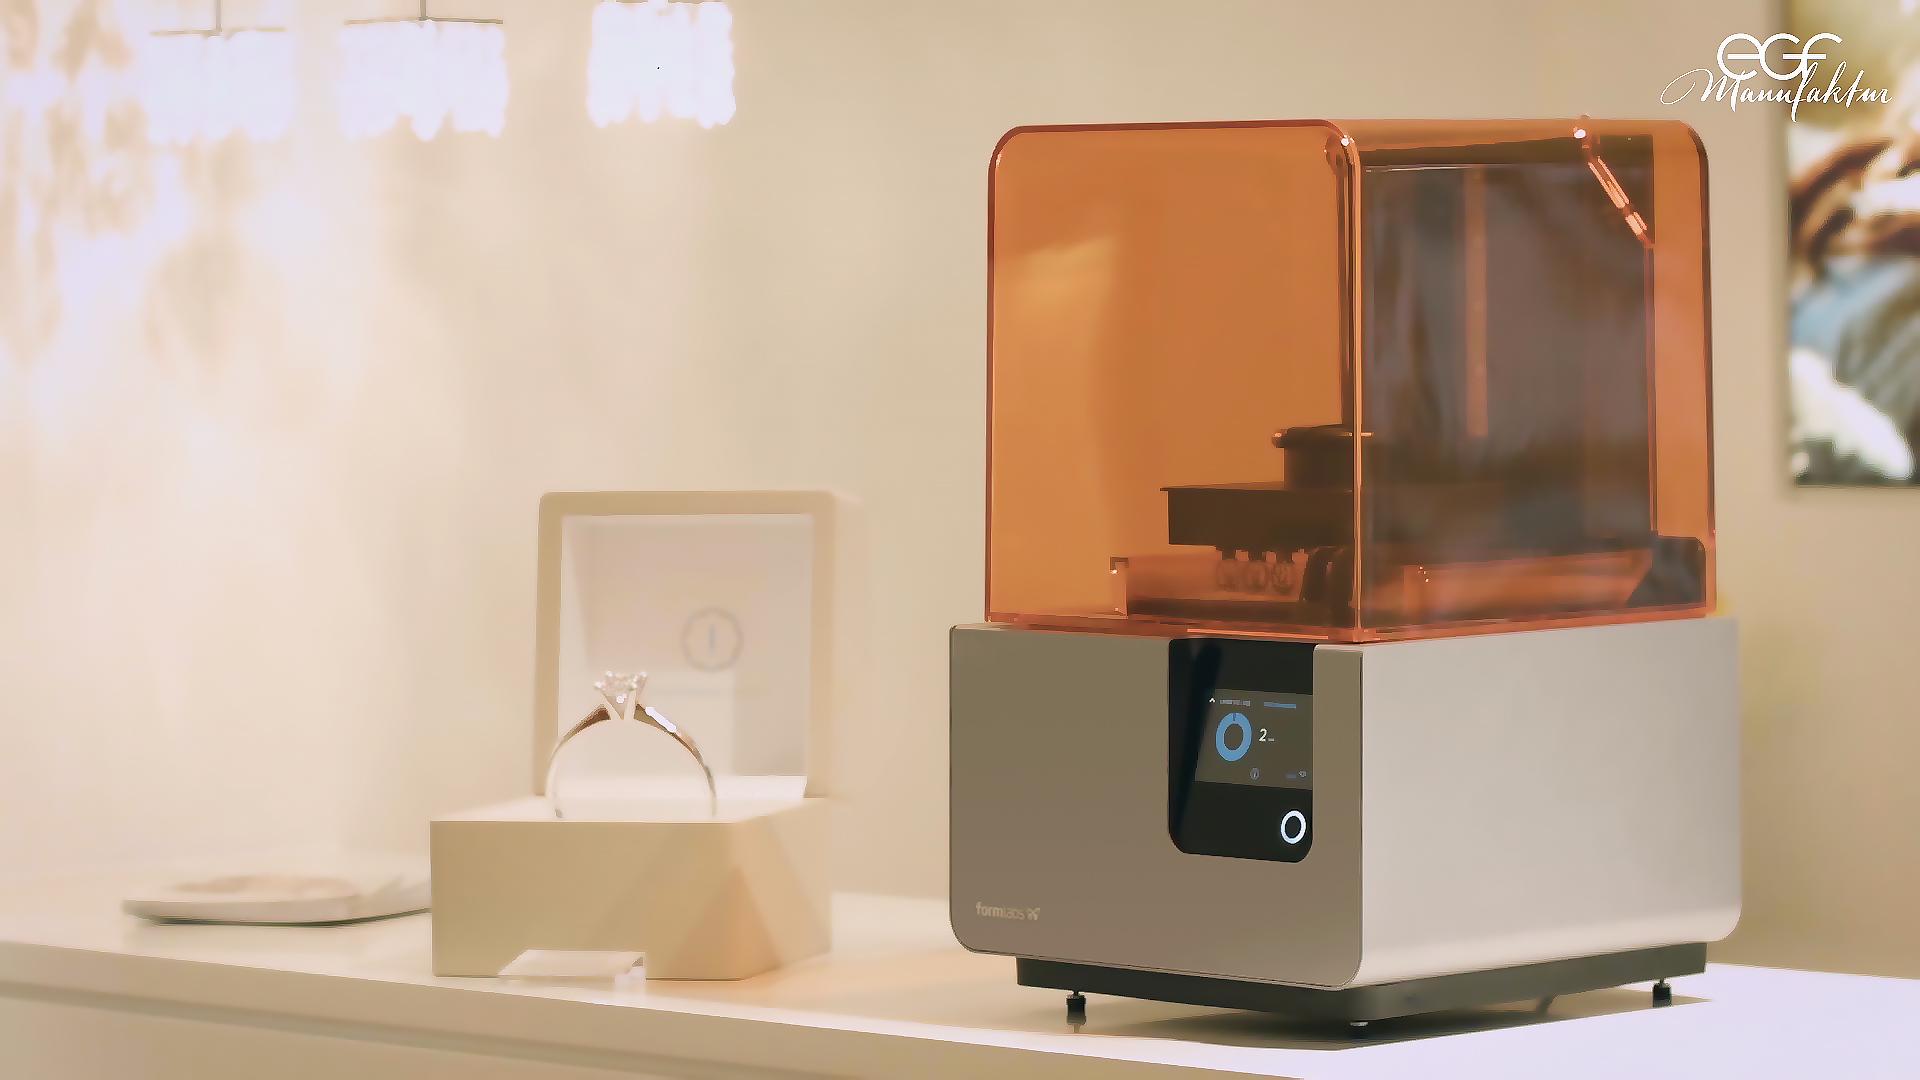 Der 3D-Drucker Form 2 spielt im Kampagnenfilm von EFG Manufaktur eine große Rolle: 3D-gedruckte Proben helfen bei der Beratung und Anprobe.